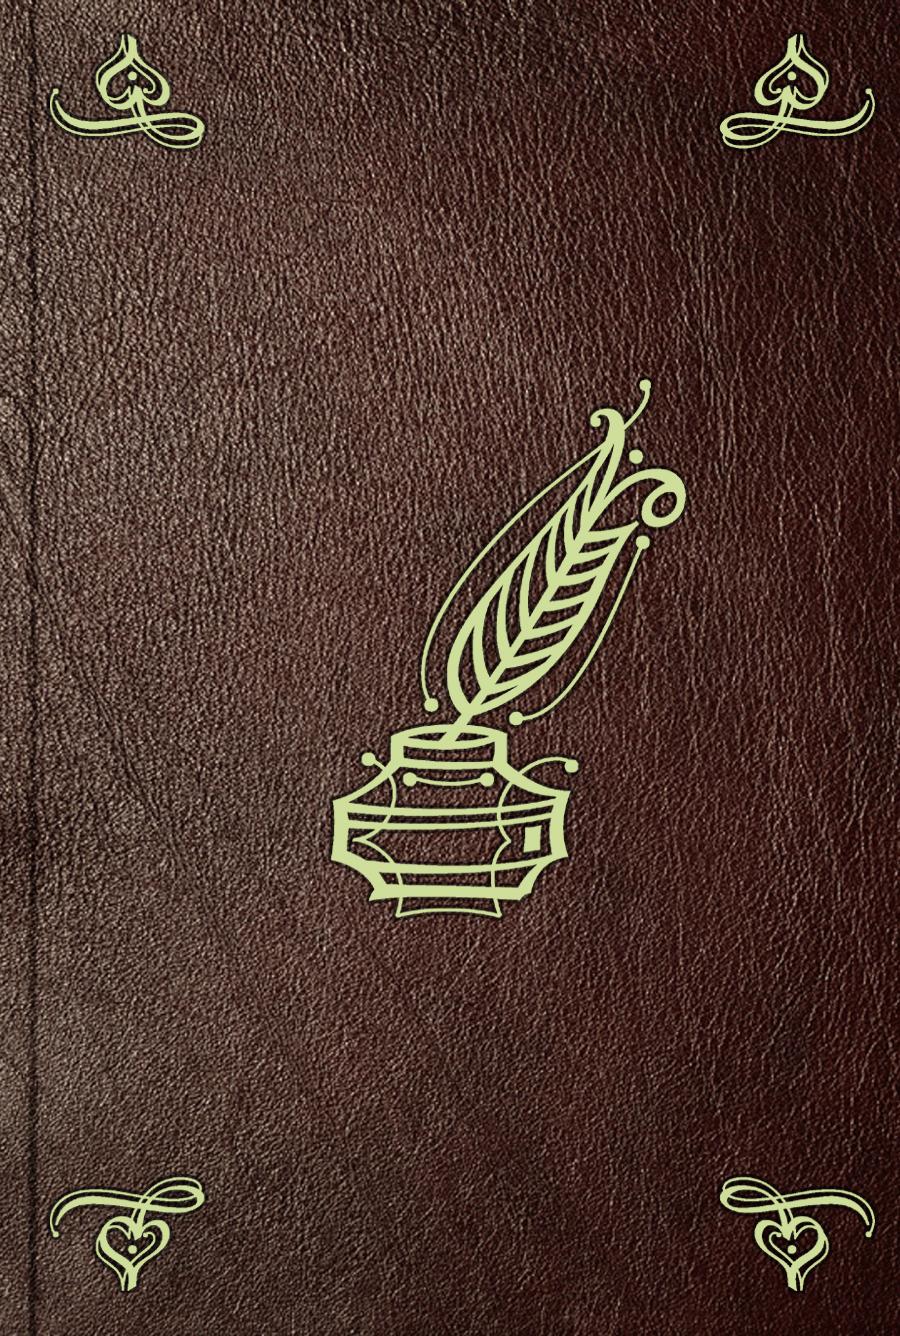 Georg Christoph Lichtenberg Vermischte Schriften. Bd. 2 christian jacob kraus vermischte schriften über staatswirtschaftliche philosophische und andere gegenstände bd 4 t 2